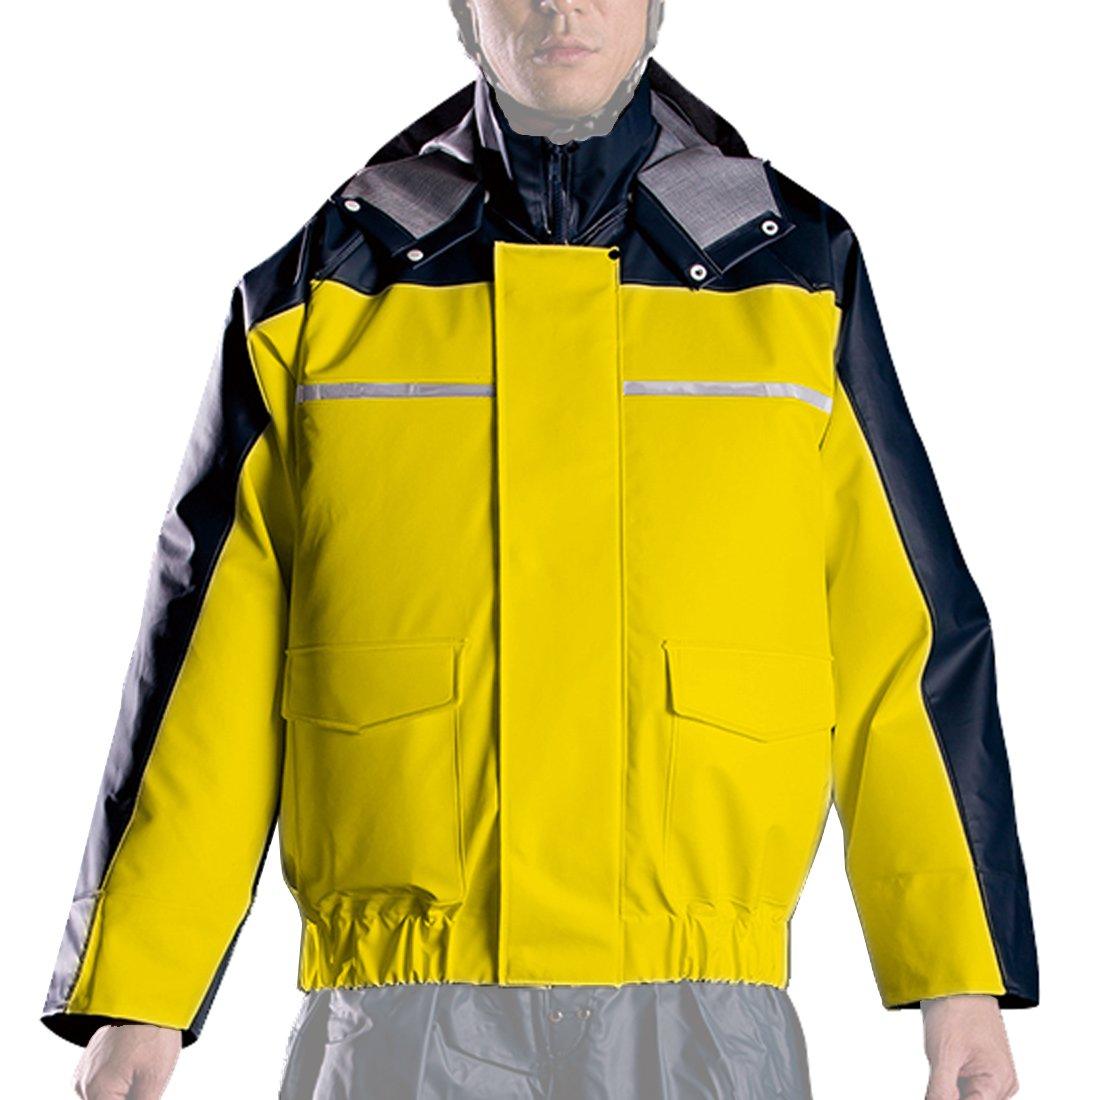 ナダレス 空調服 ブルゾン 全4色 全8サイズ レインパーカ イエロー 4L 反射テープ付き 6097 [正規代理店品] B011C025M2 4L 4L